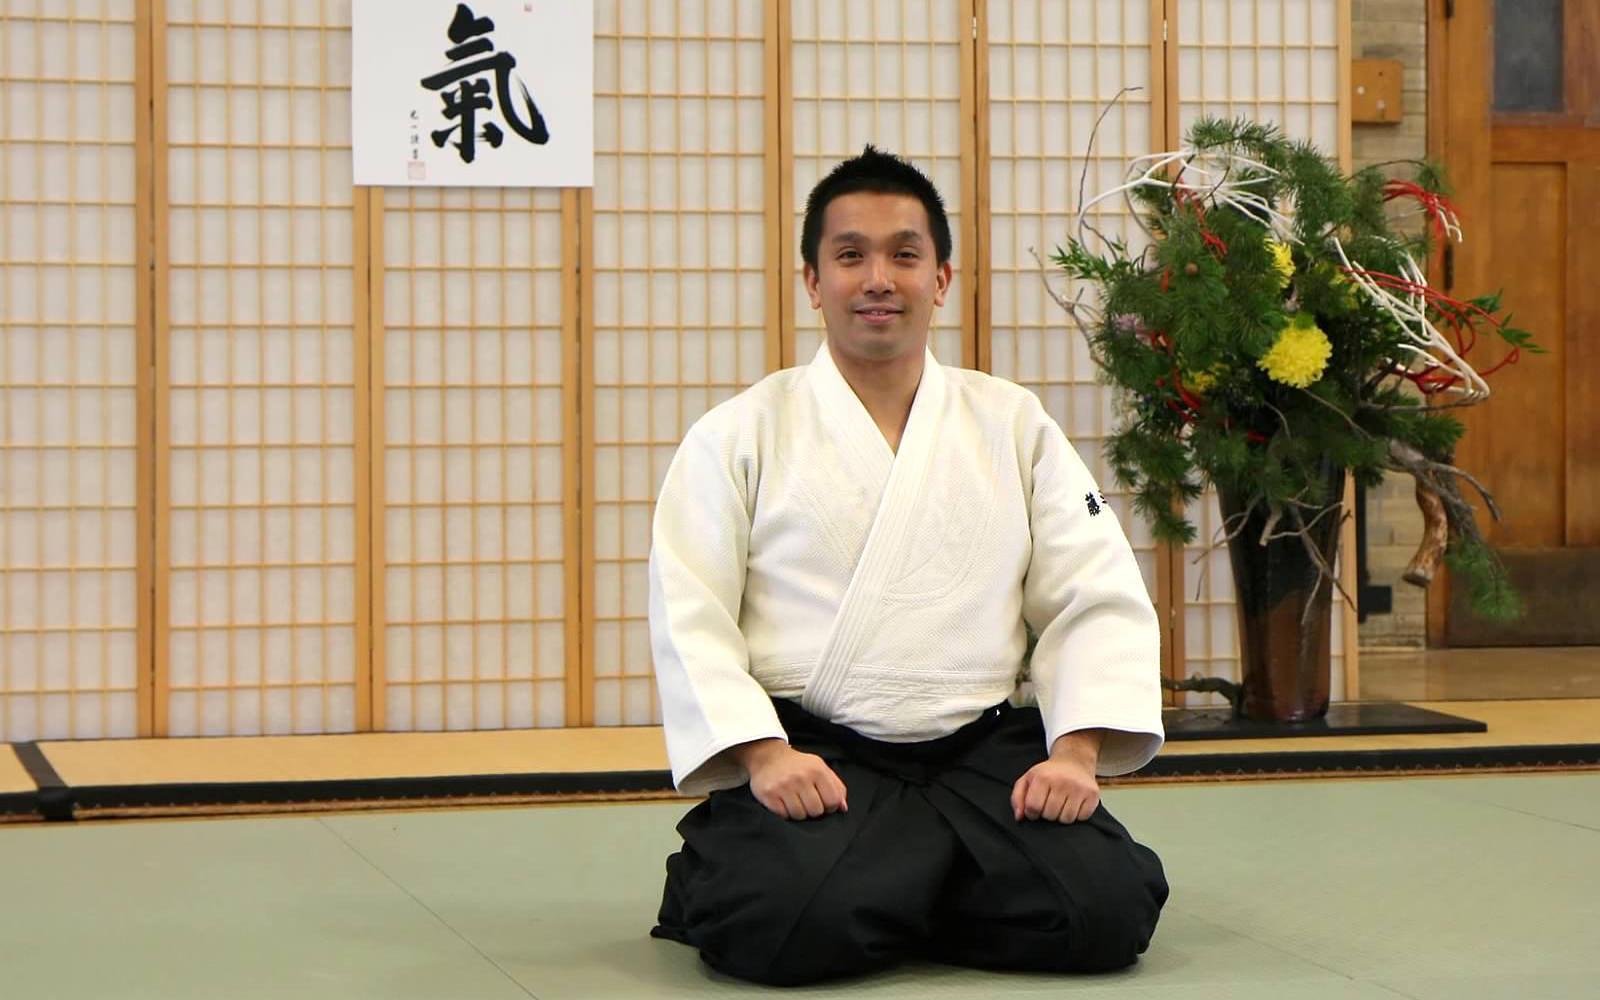 Shinichi Tohei Sensei 2017 Seminar Midland Ki Federation